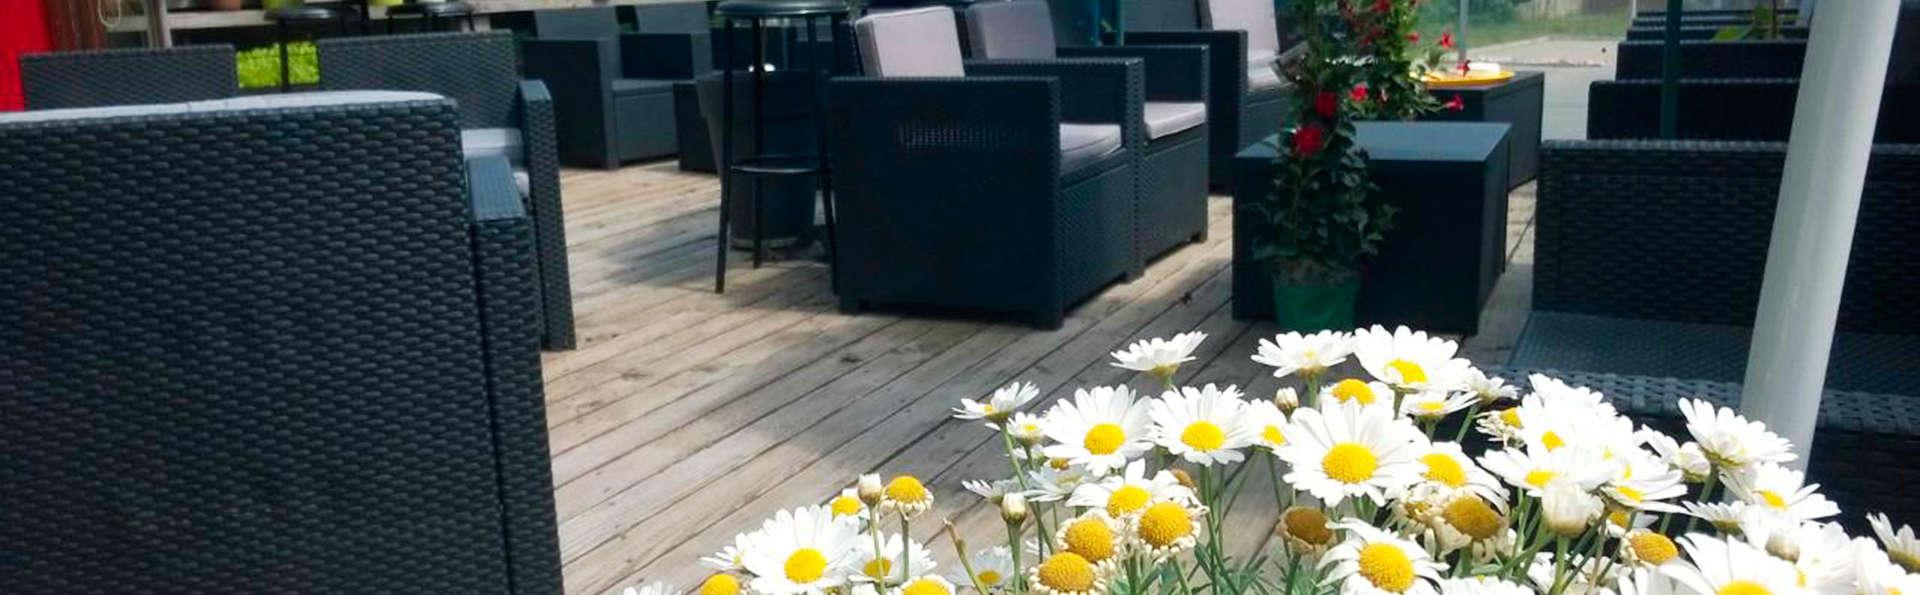 Cour du Tonnelier - EDIT_terrace.jpg